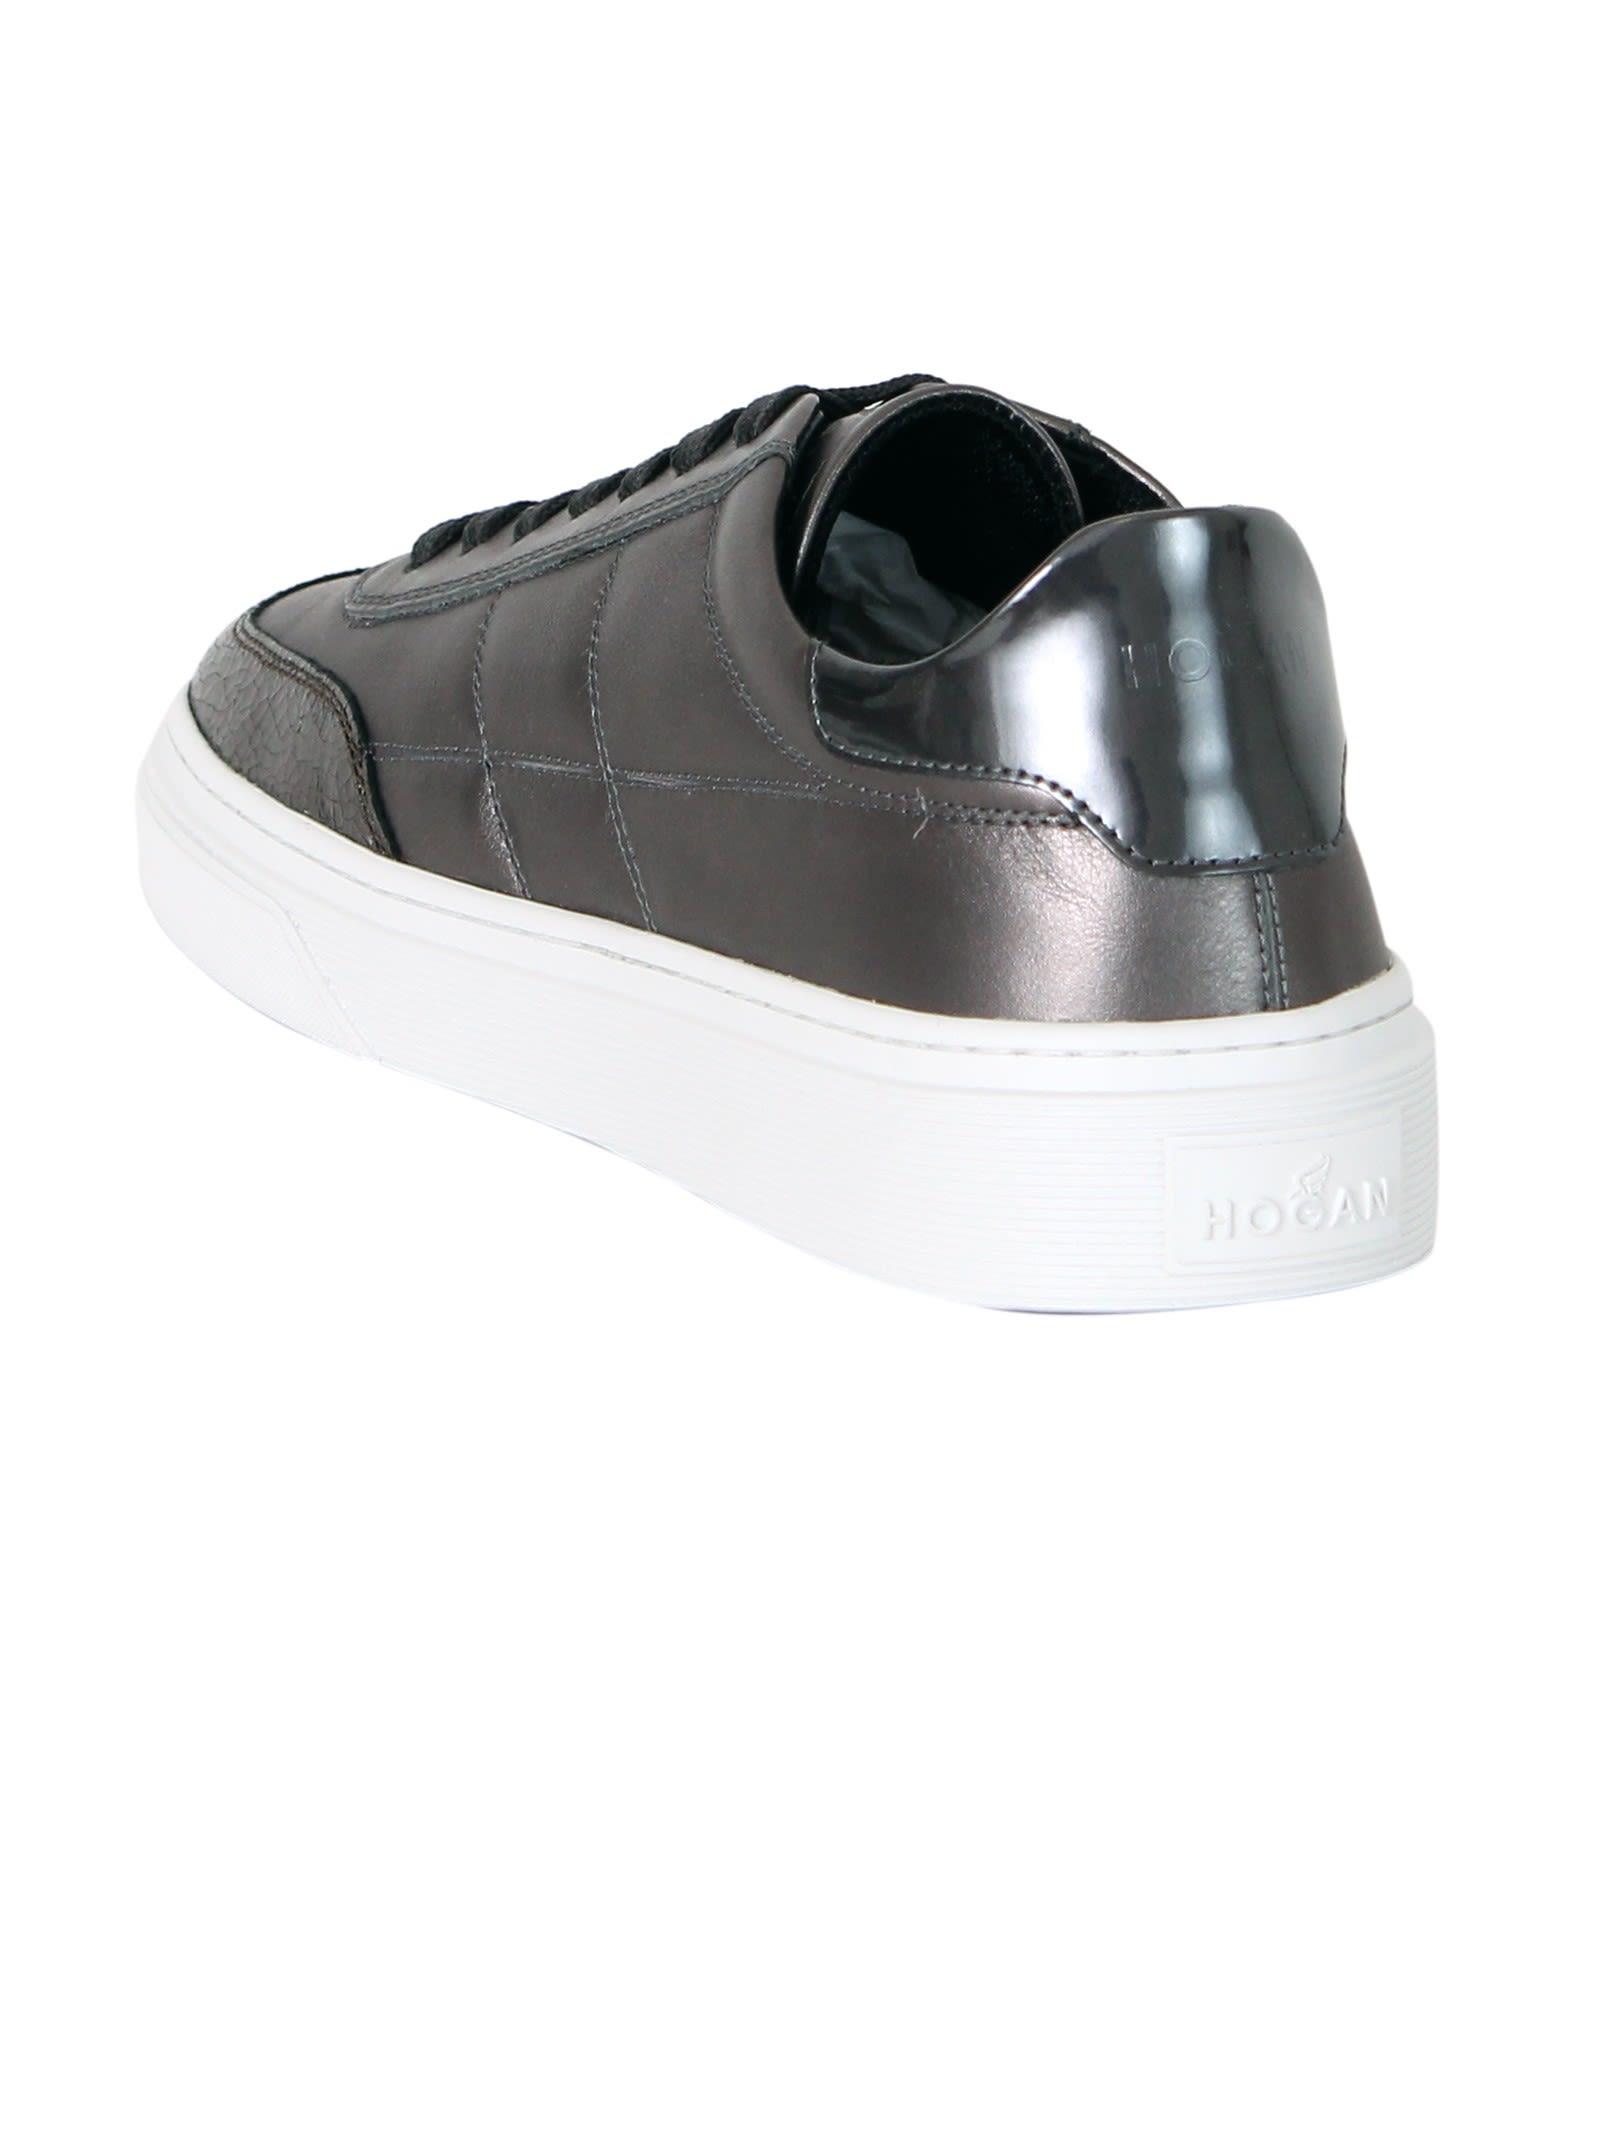 Hogan Metal H340 Low Sneakers Sale Cheap Price Outlet Best Seller lP0XXg8q